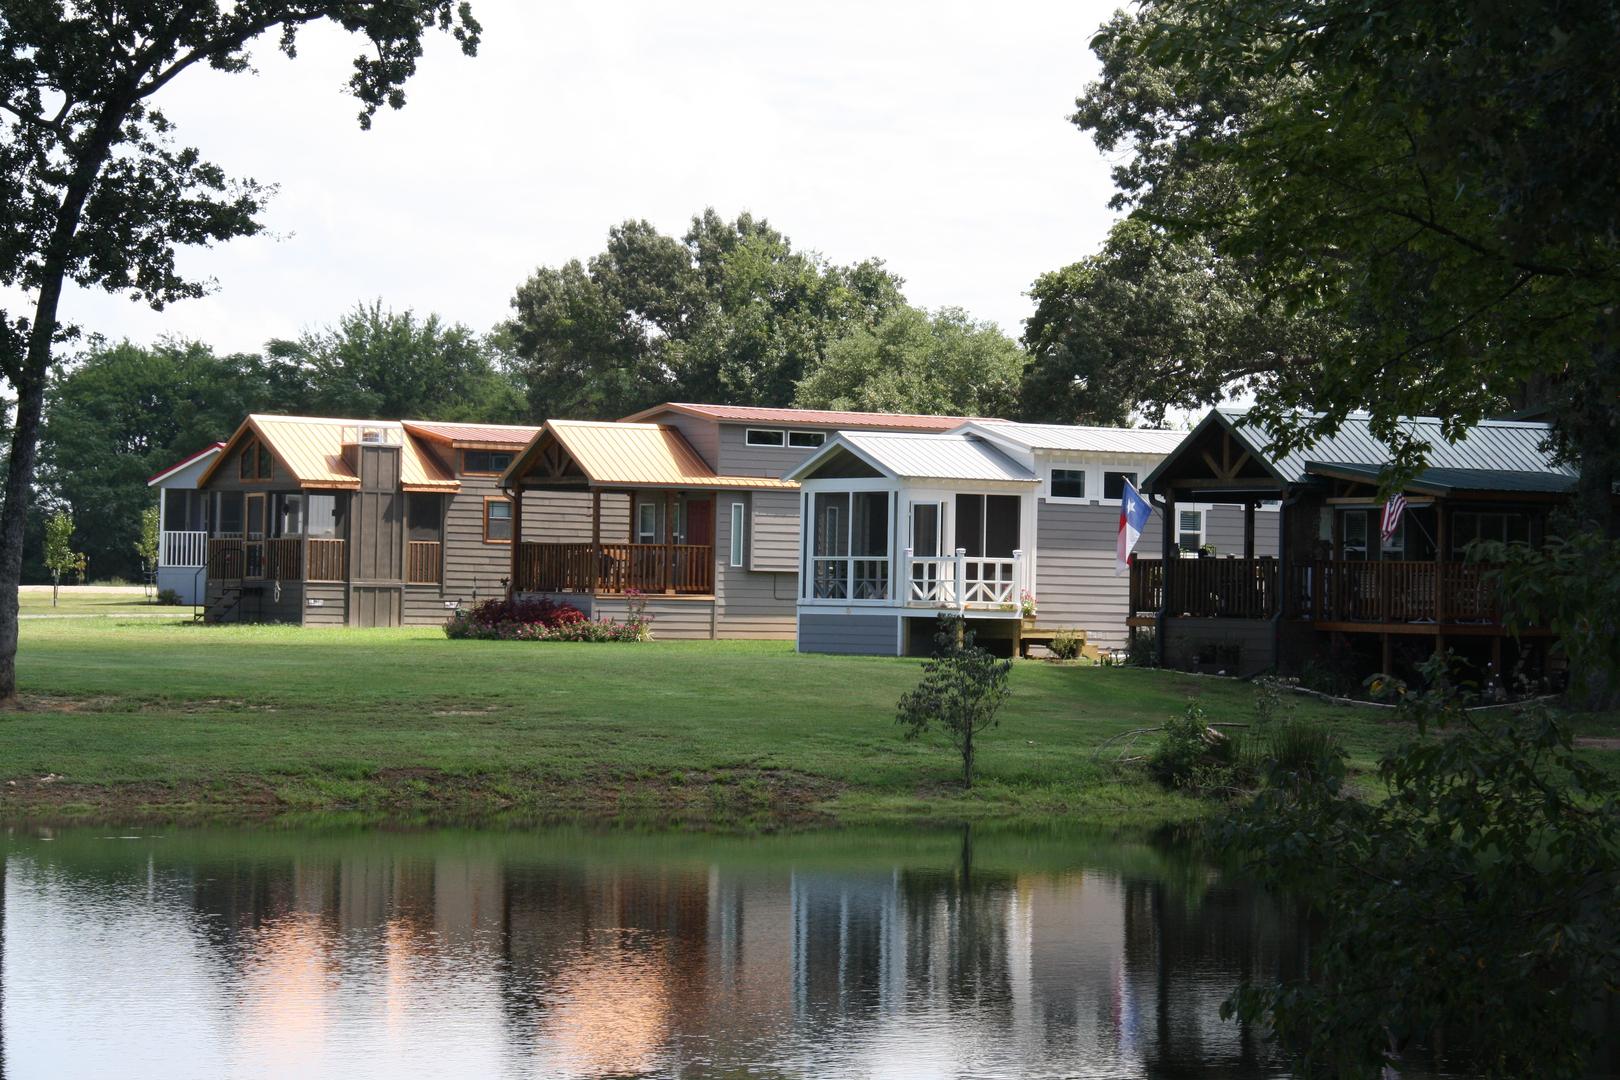 Tiny homes near a lake